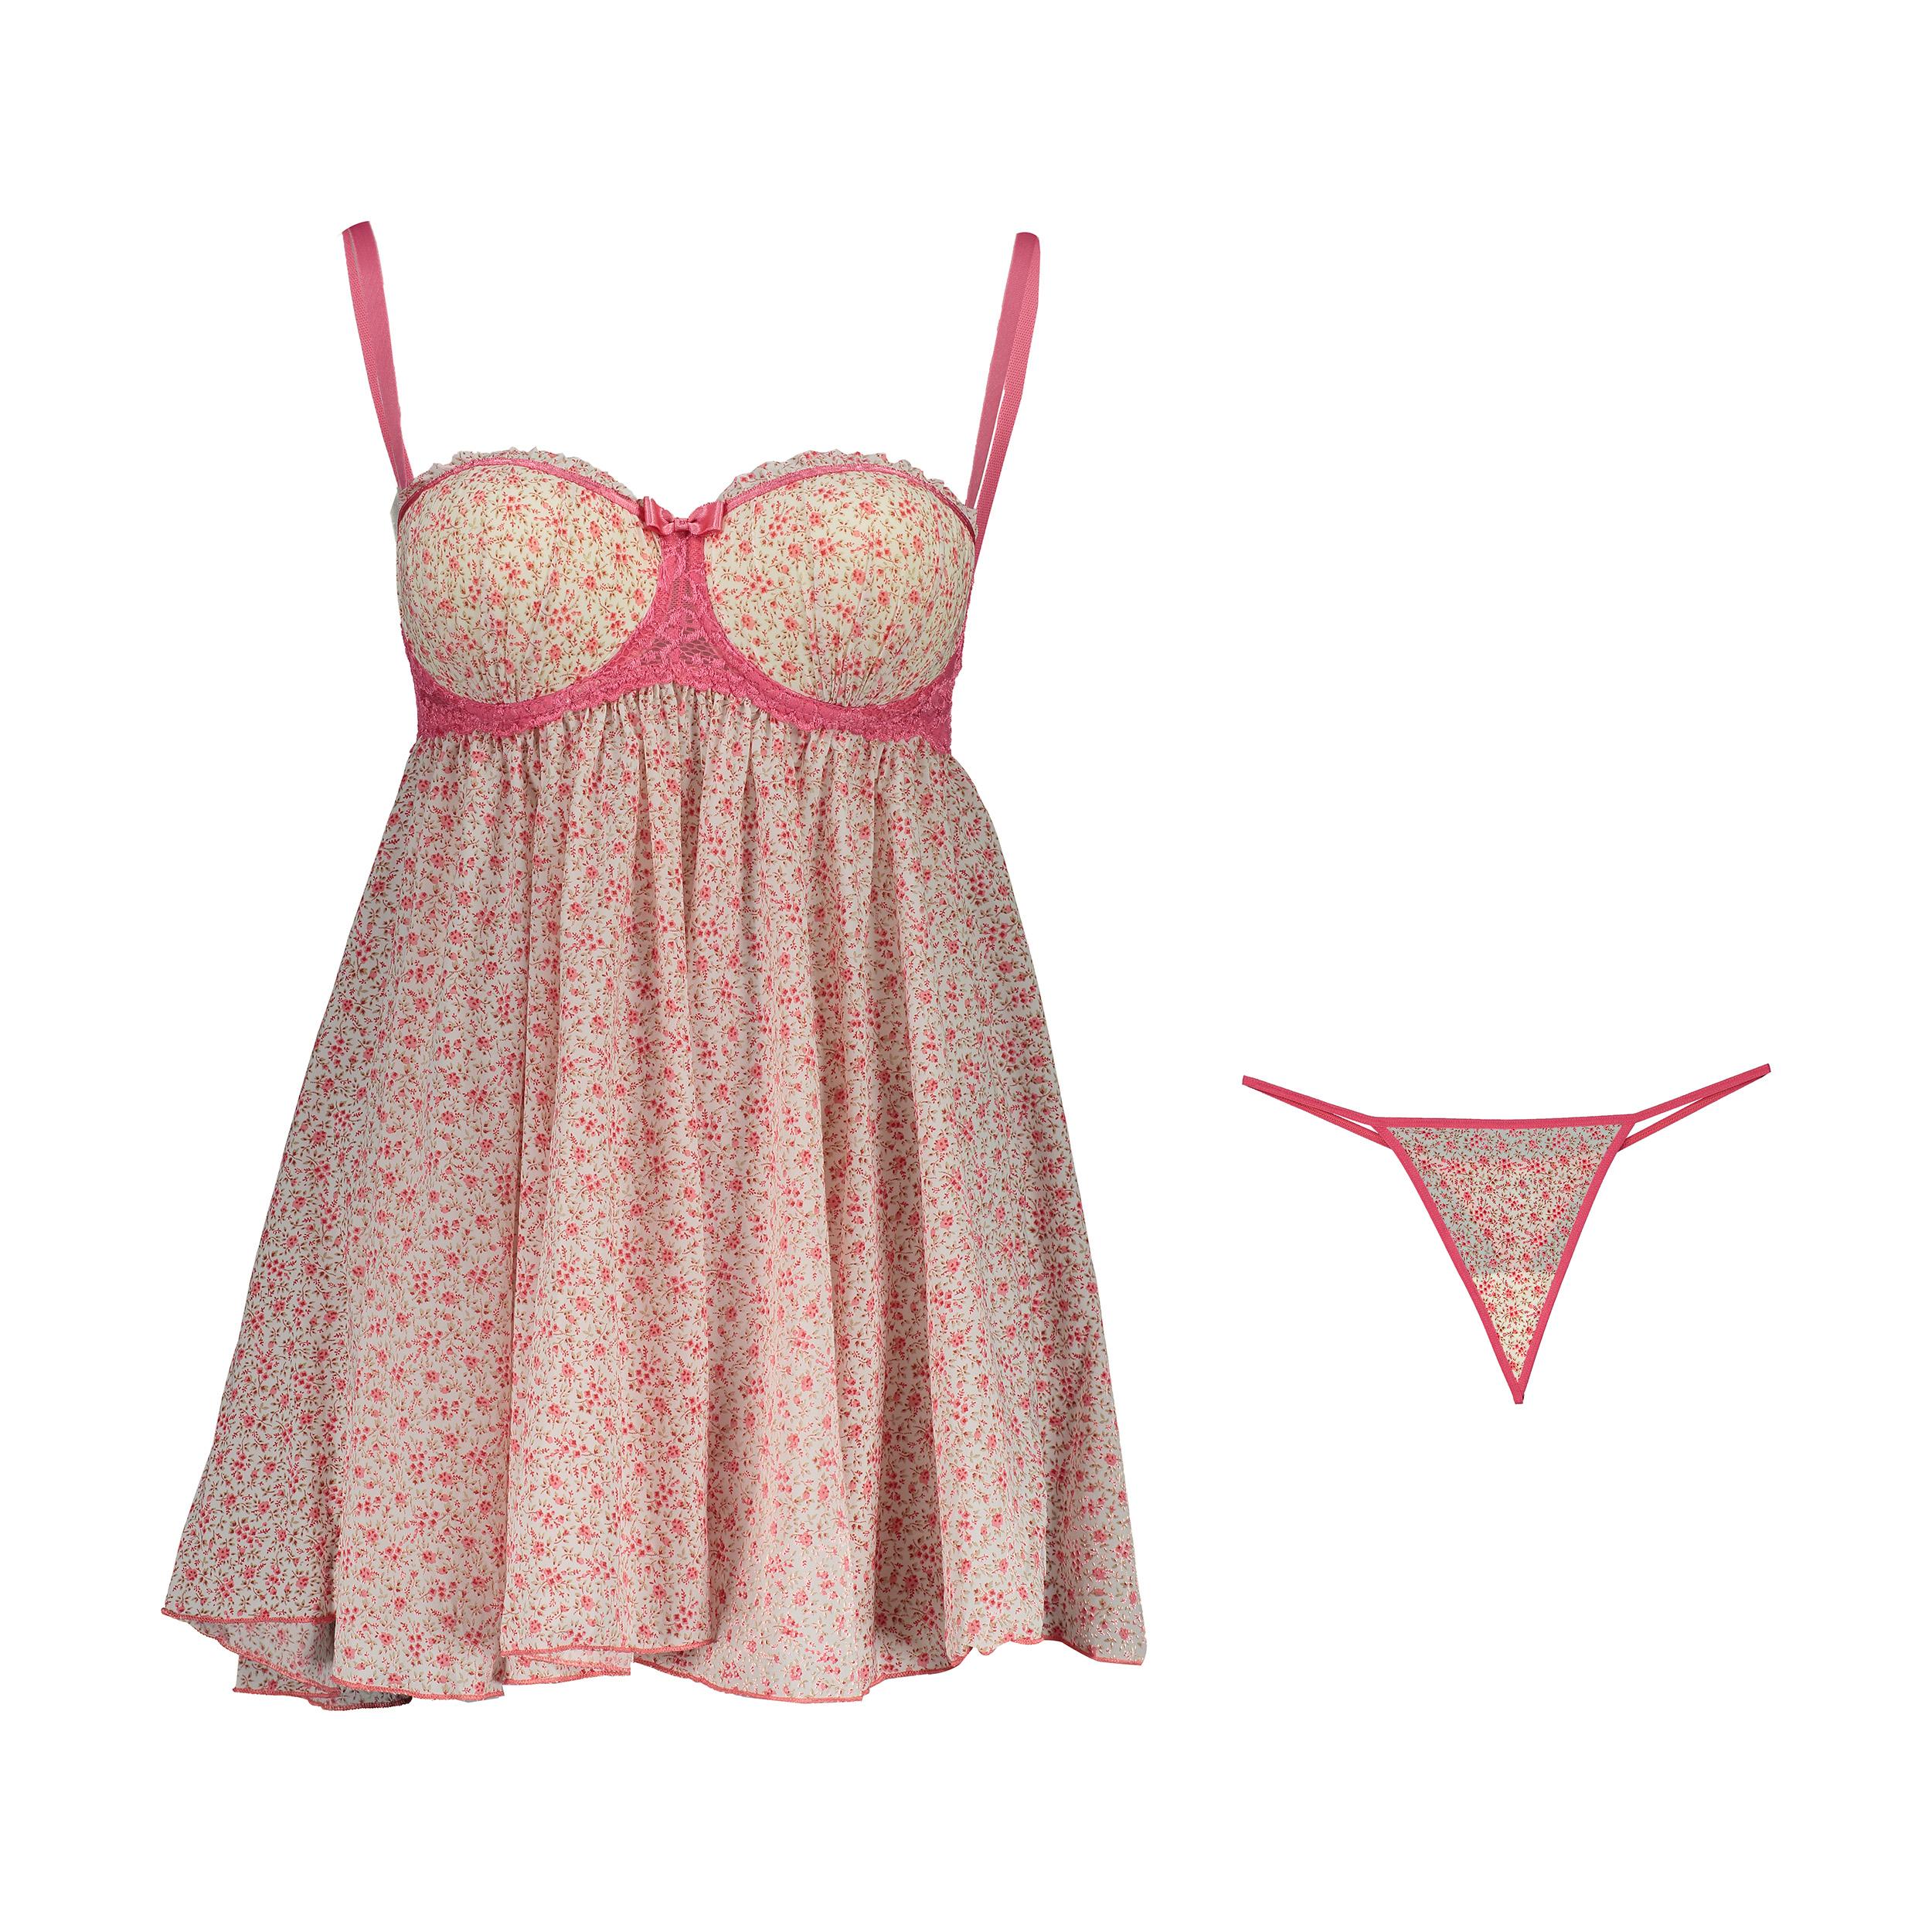 لباس خواب زنانه کد 8956